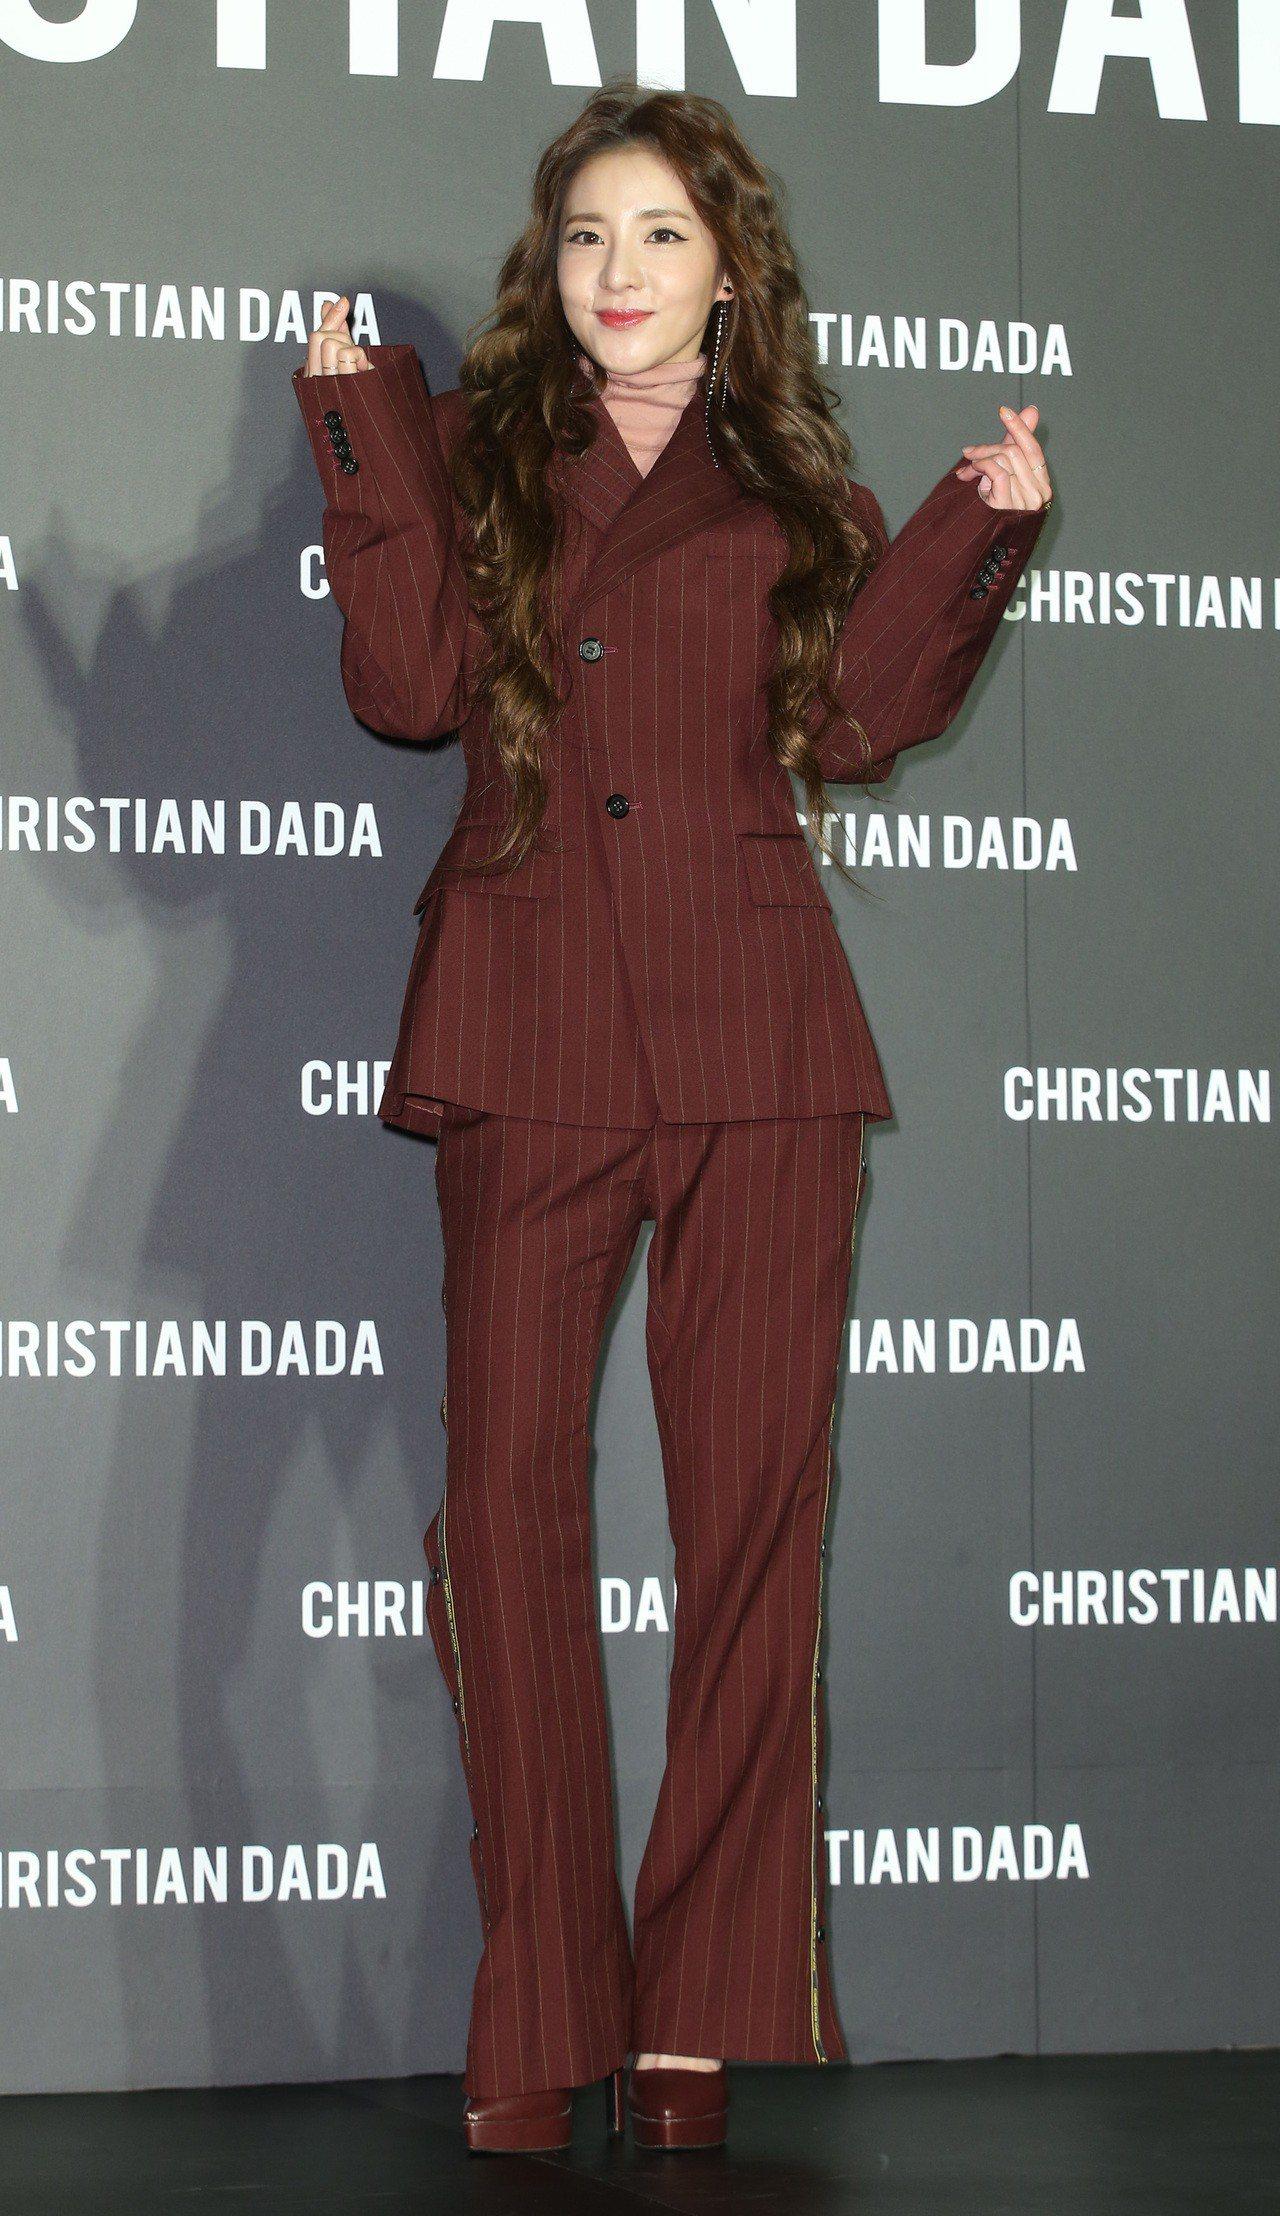 韓國女星Dara出席Christian Dada旗艦店開幕活動,身穿鮭魚粉高領上...